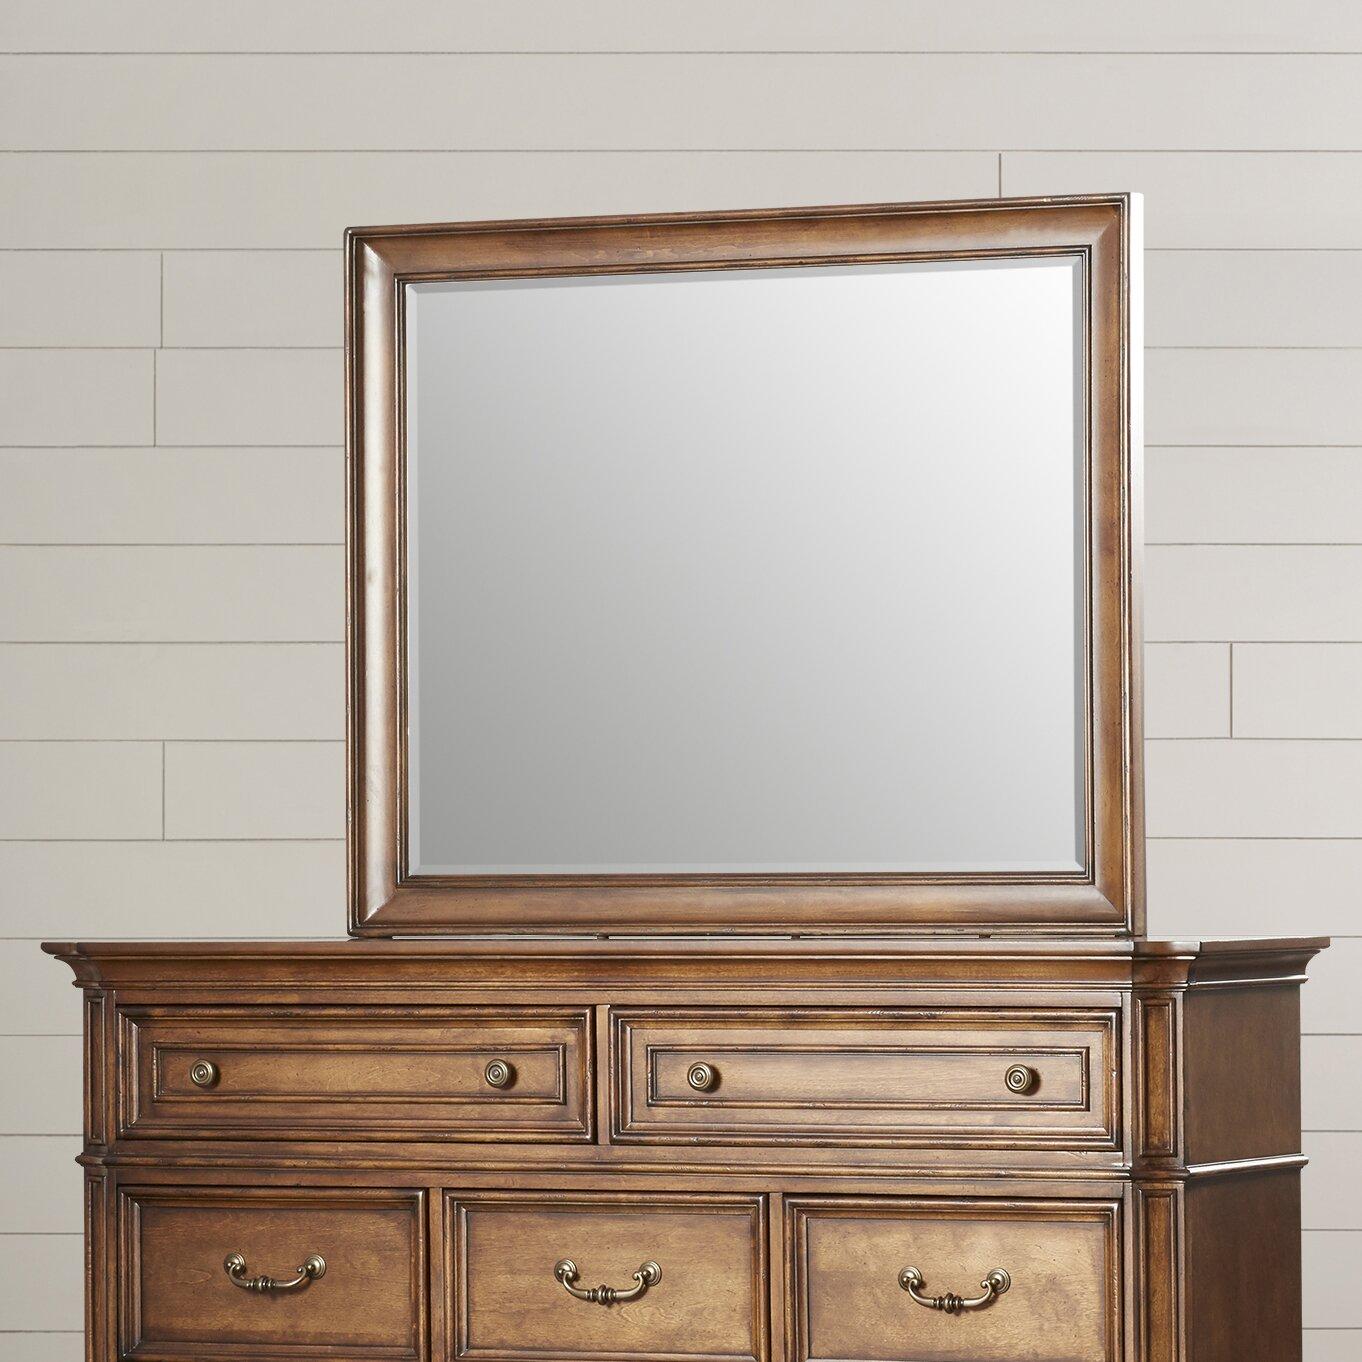 furniture bedroom furniture bedroom sets astoria grand sku astg: furniture bedroom sets astoria grand sku